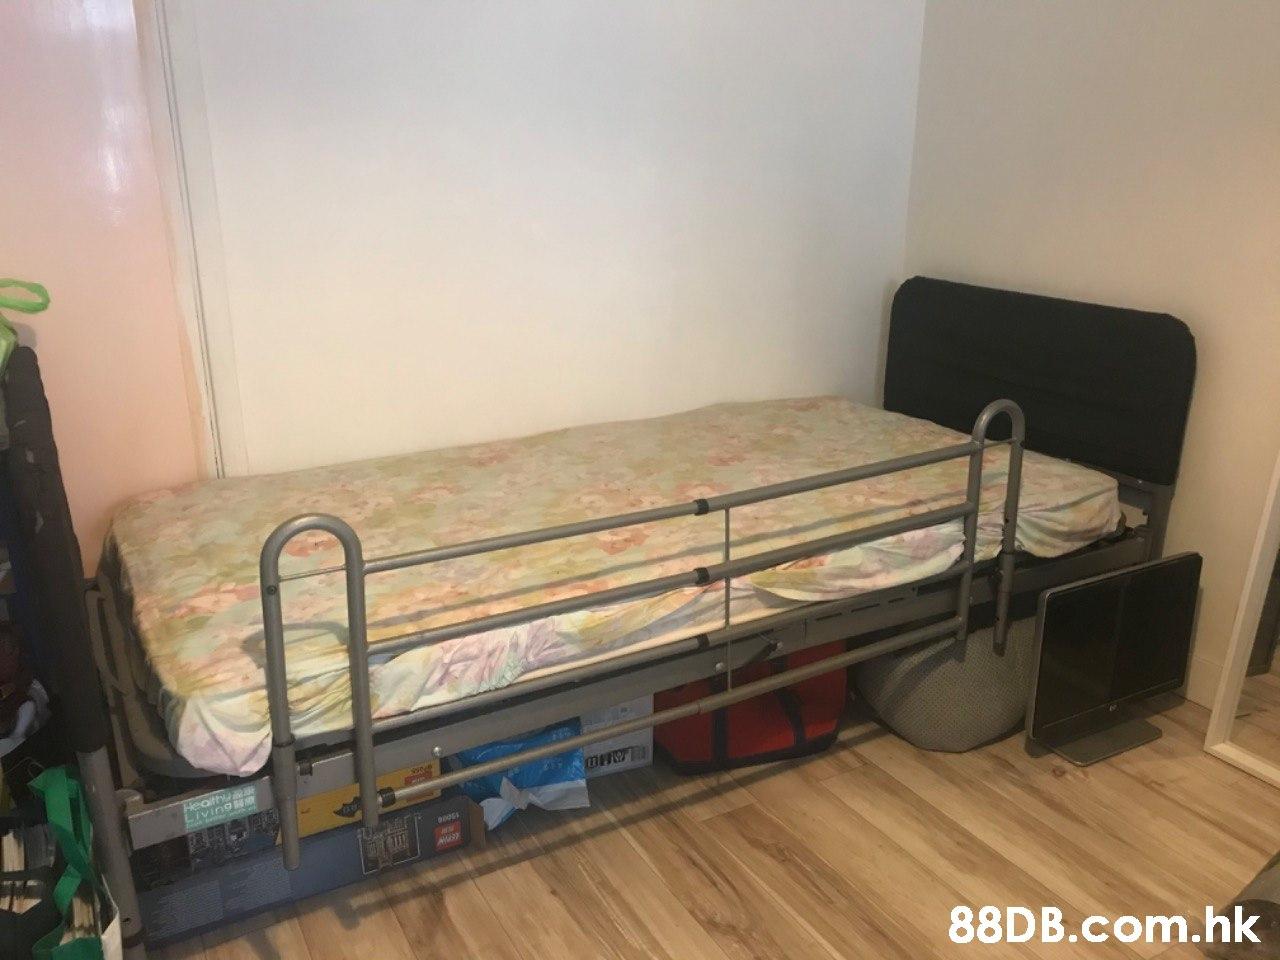 Hea T10 .hk  Room,Property,Furniture,Bed frame,Bed